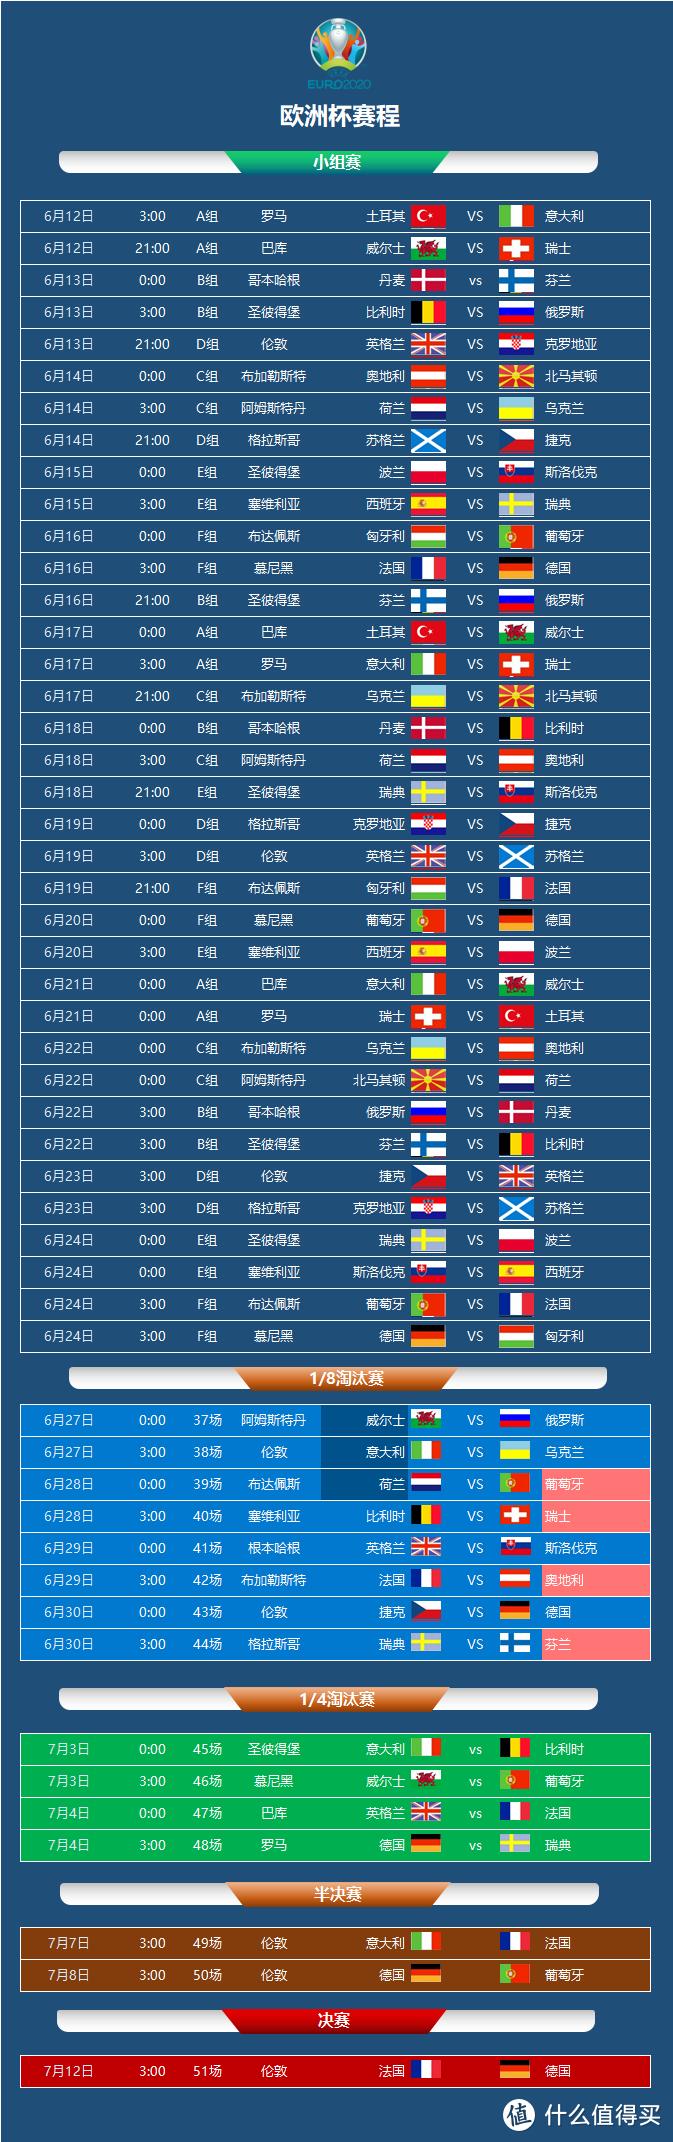 啤酒+球赛才是完美的夏天!2021欧洲杯赛程表及第三轮后续赛事大胆预测,附预测表,看球必备!